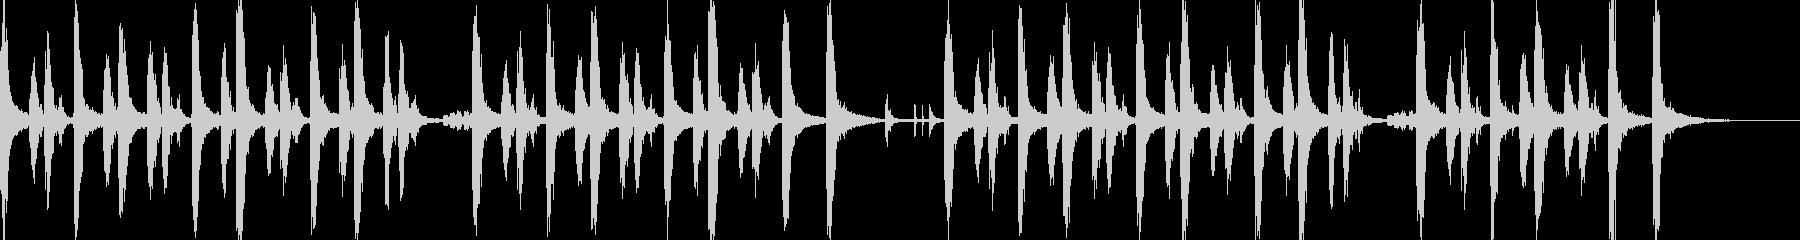 30秒CM、明るい印象のピチカートBGMの未再生の波形